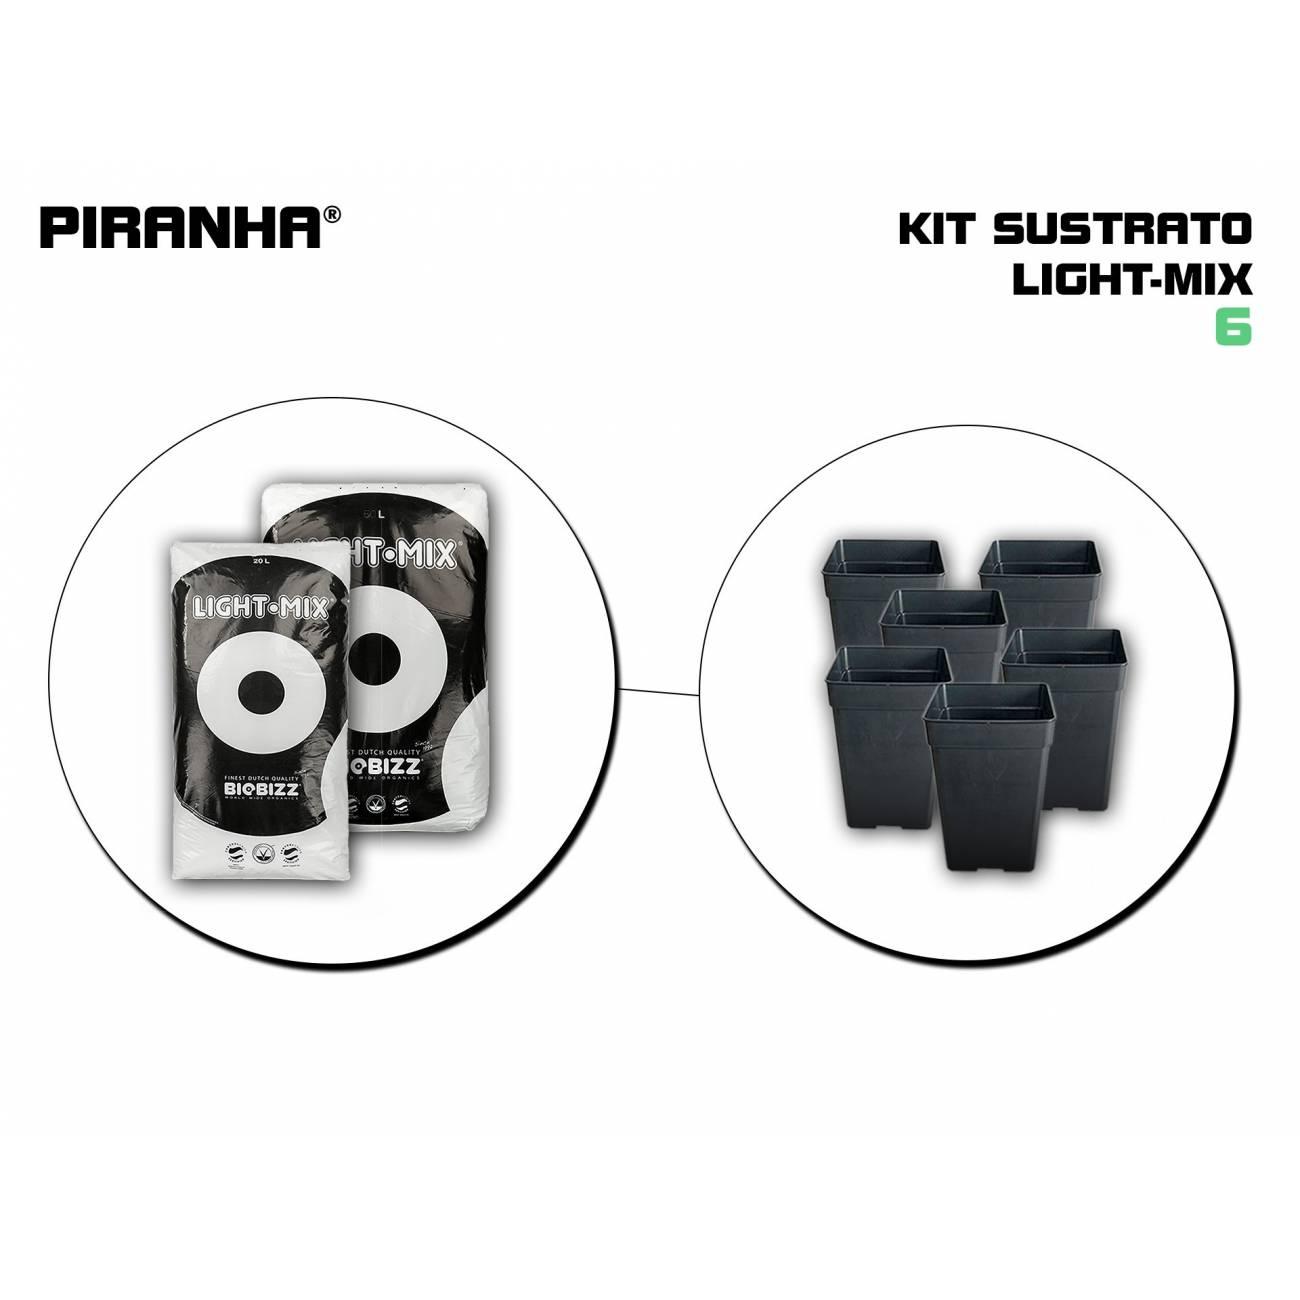 Kit Sustrato 6 Light Mix